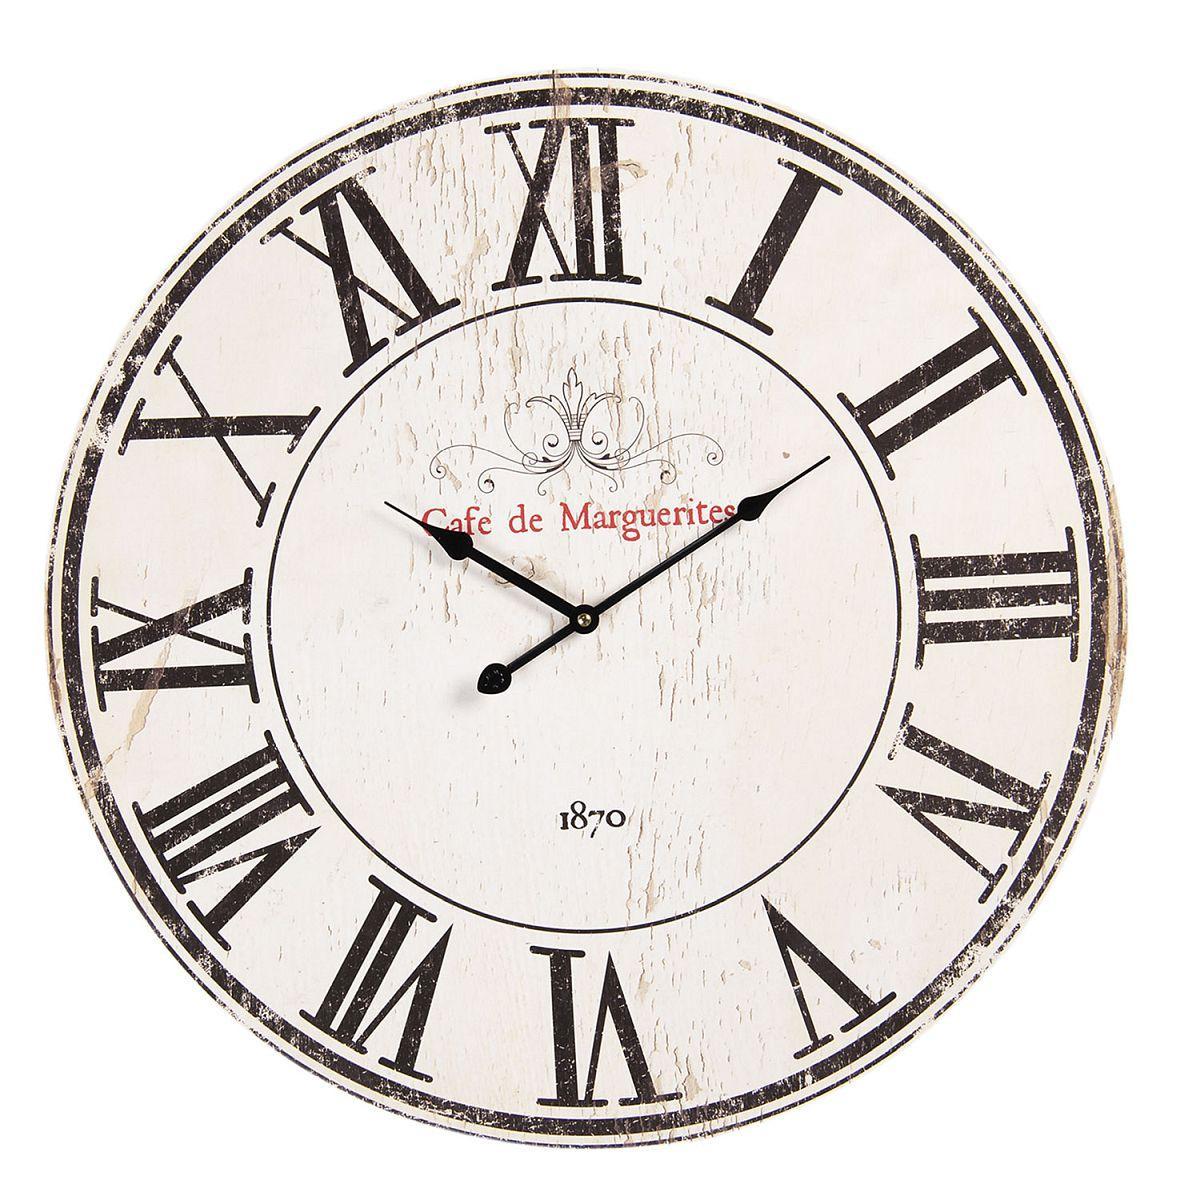 1- Nástěnné hodiny CAFE DE MARGUERITES